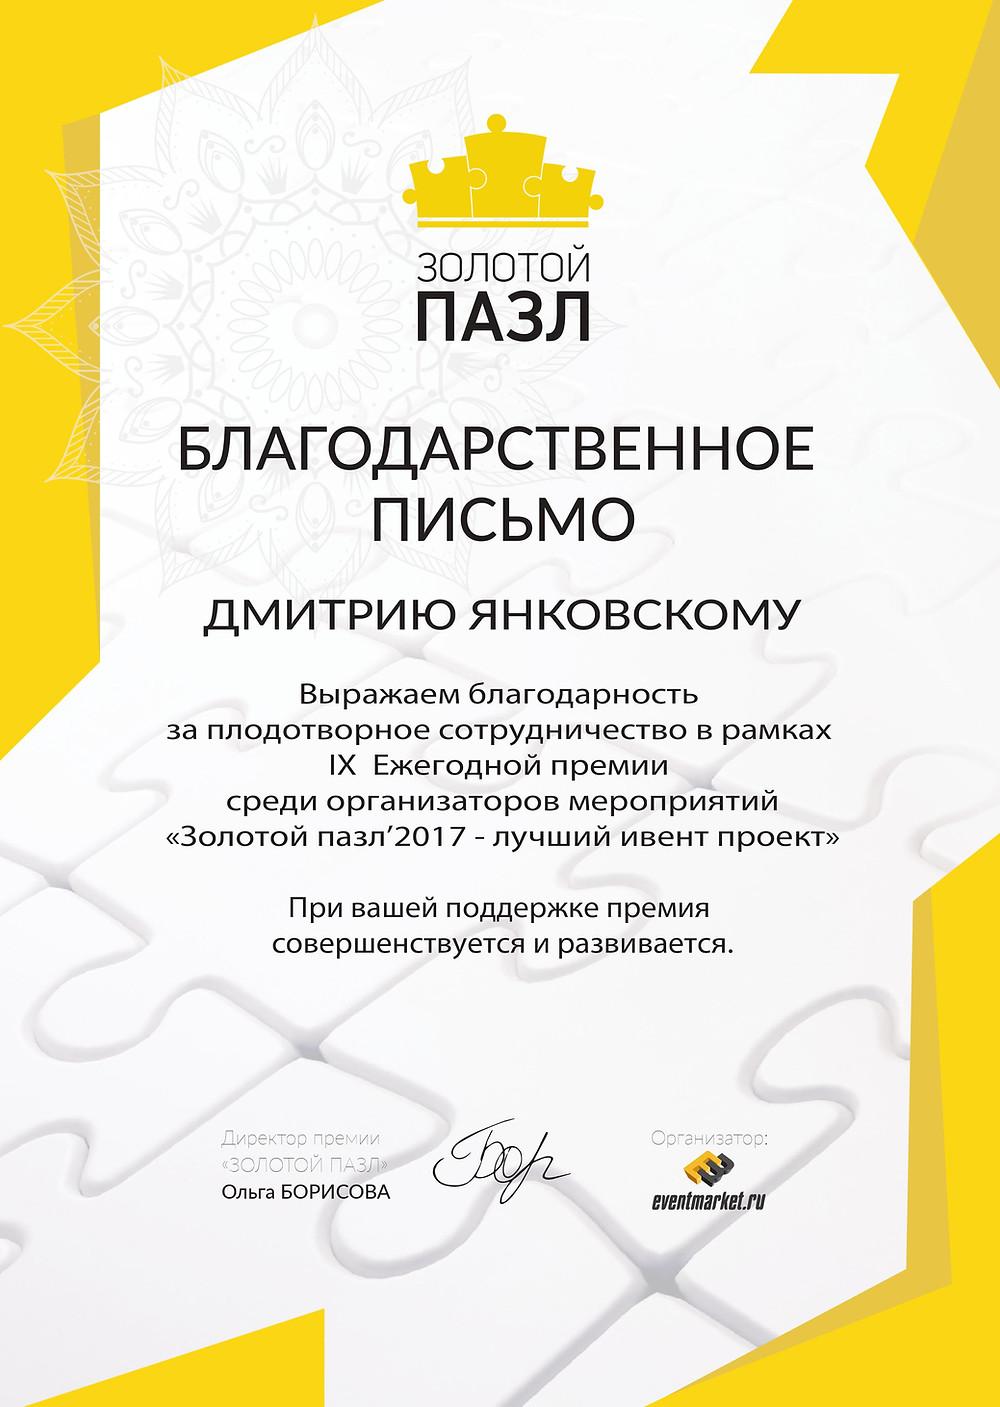 ЗОЛОТОЙ ПАЗЛ 2017 - ЛУЧШИЙ ИВЕНТ ПРОЕКТ